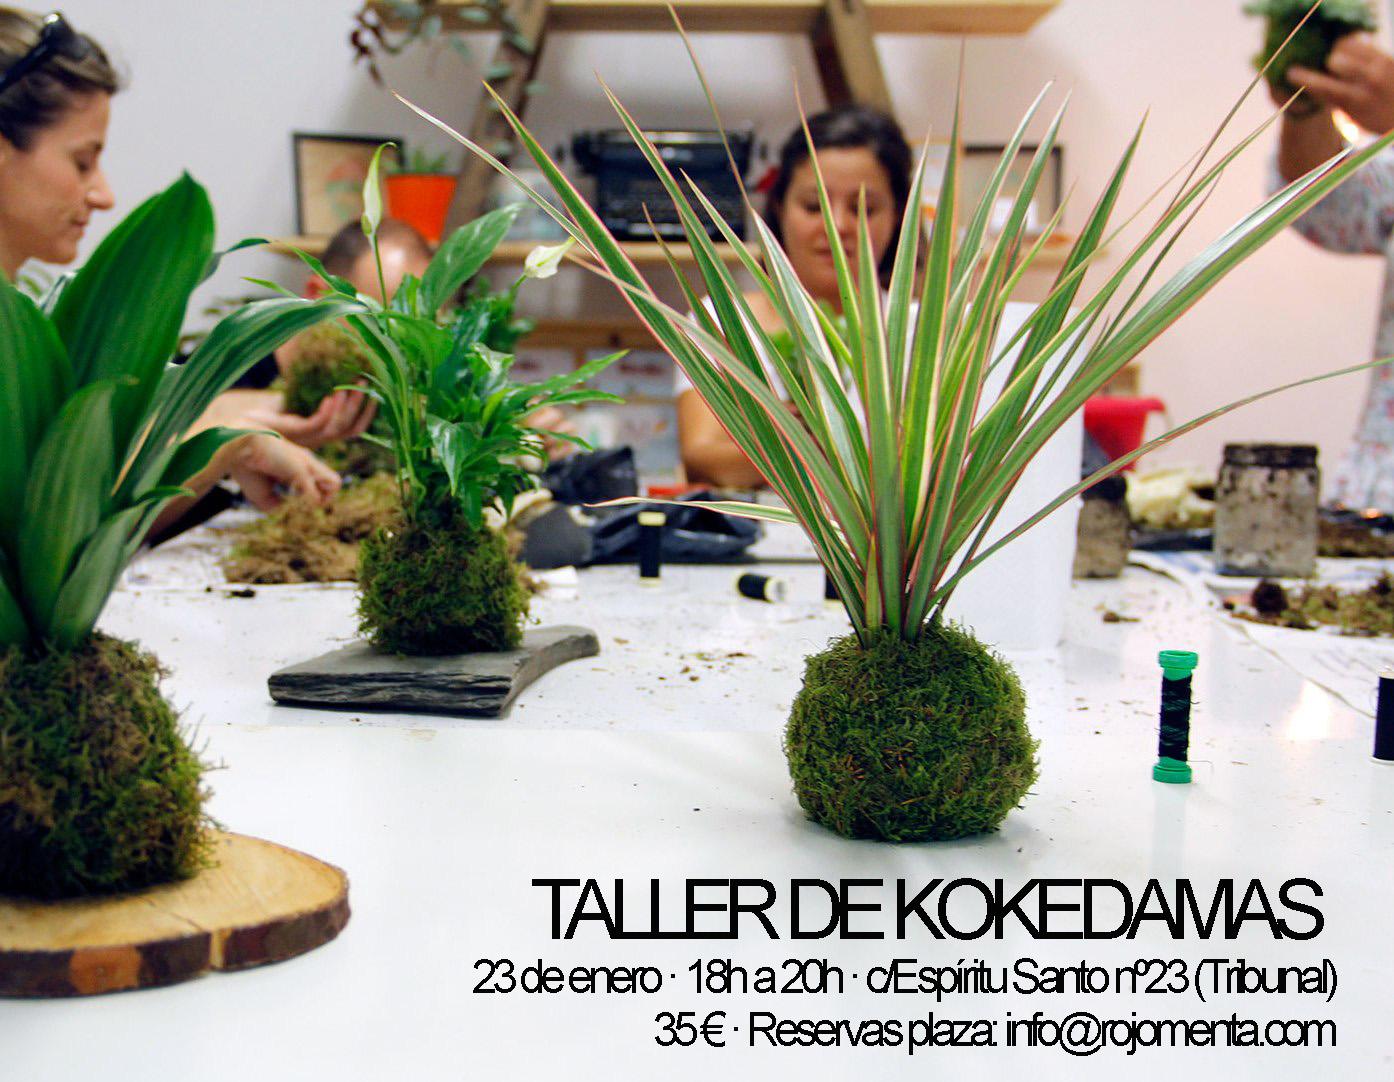 taller_kokedamas_vale_regalo_navidad